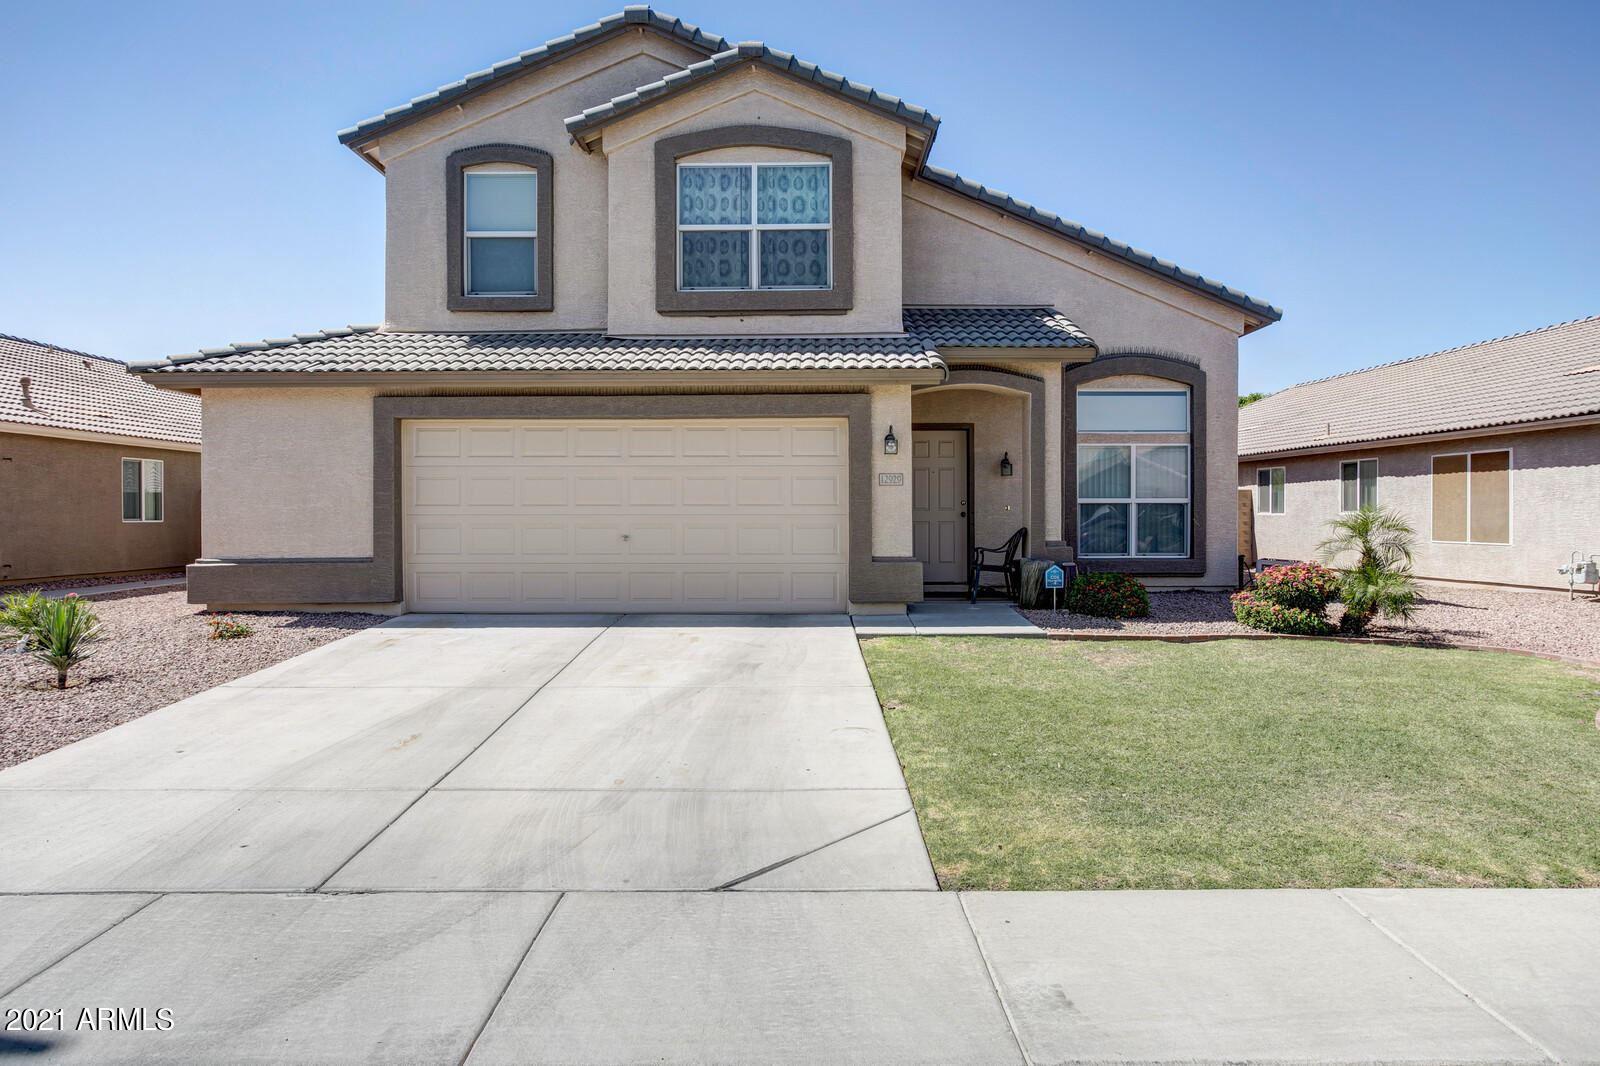 12929 W EARLL Drive, Avondale, AZ 85392 - MLS#: 6233242